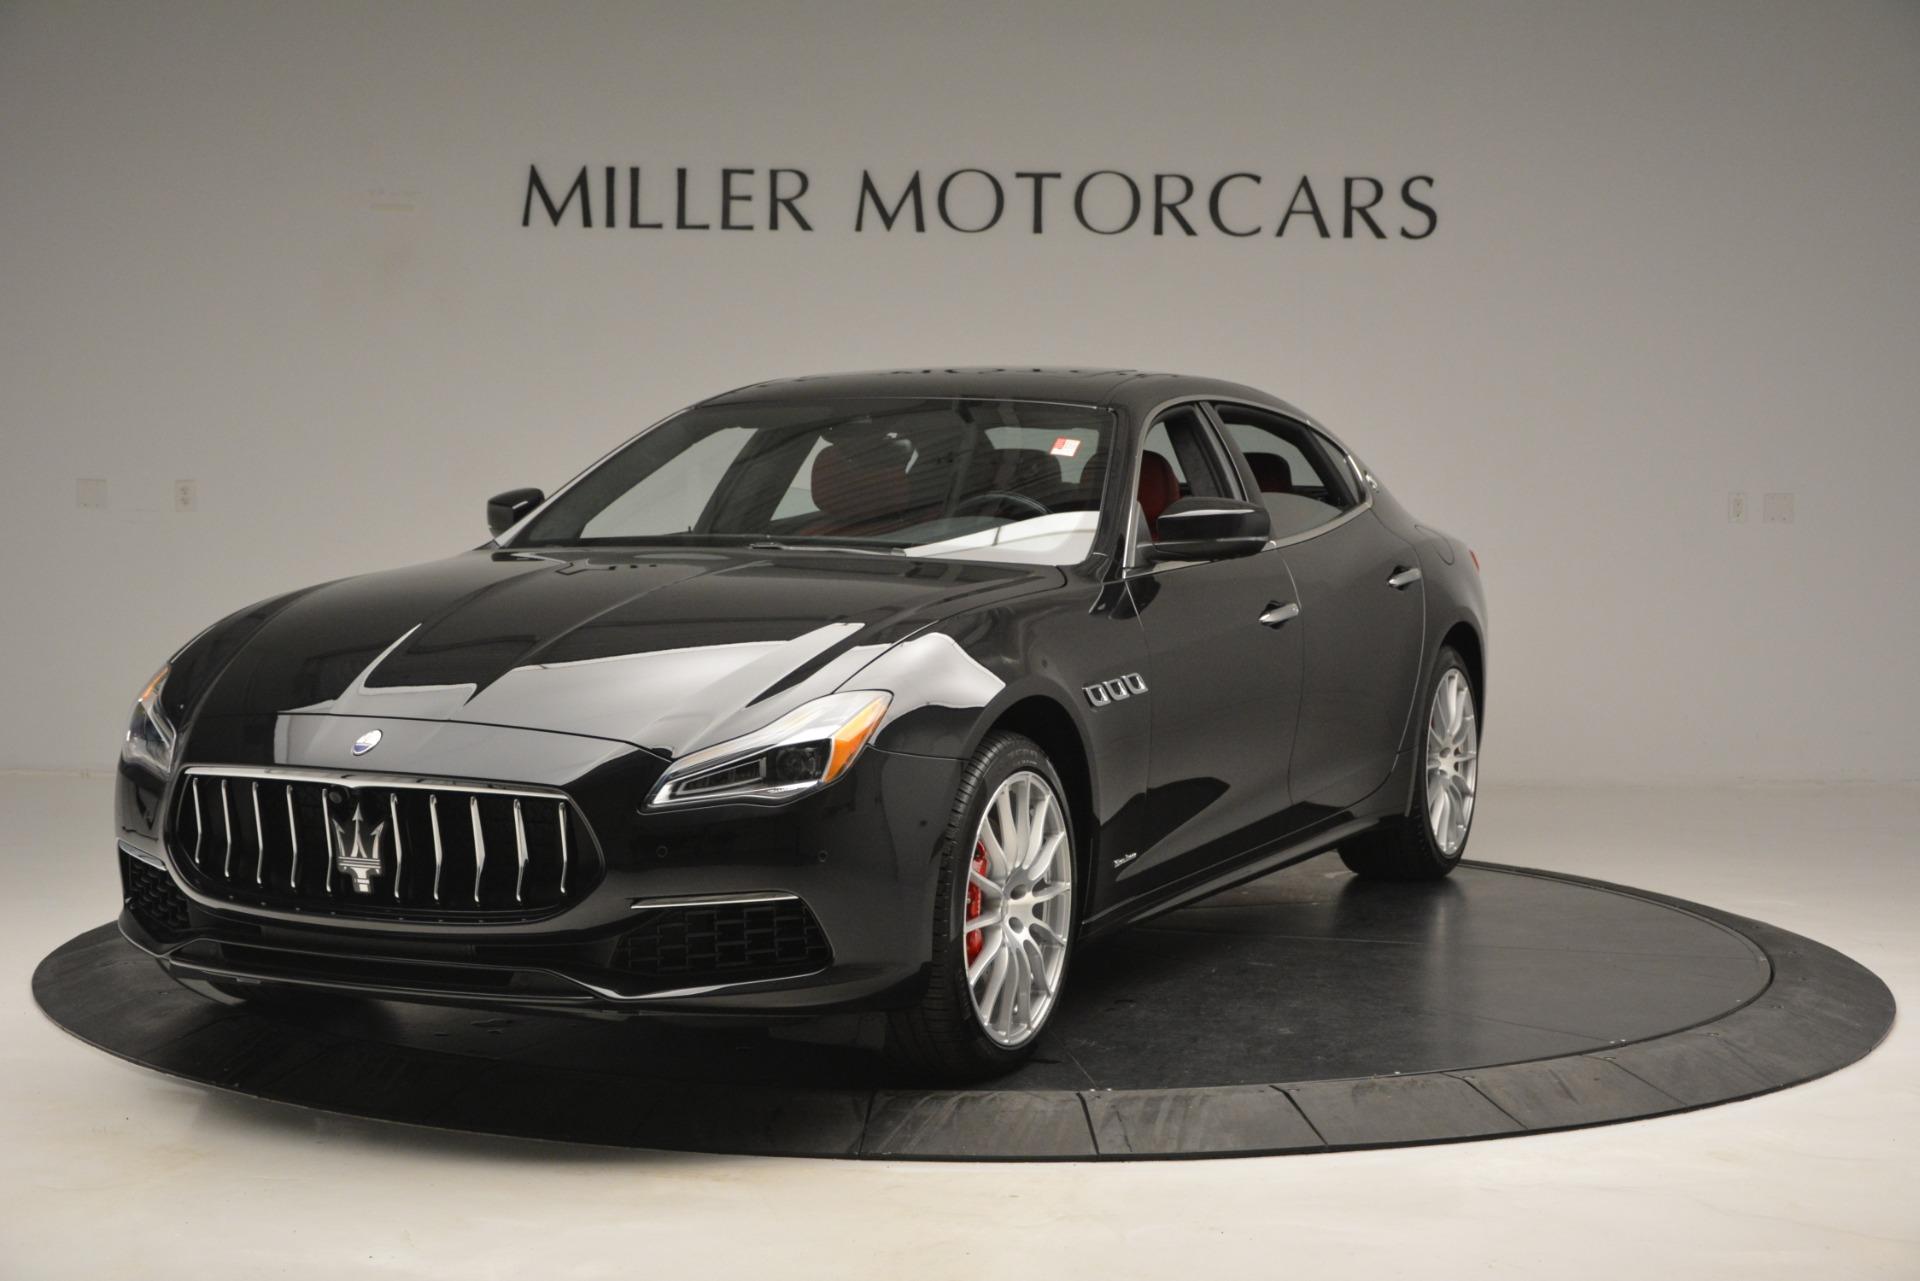 New 2019 Maserati Quattroporte S Q4 GranLusso for sale Sold at Pagani of Greenwich in Greenwich CT 06830 1